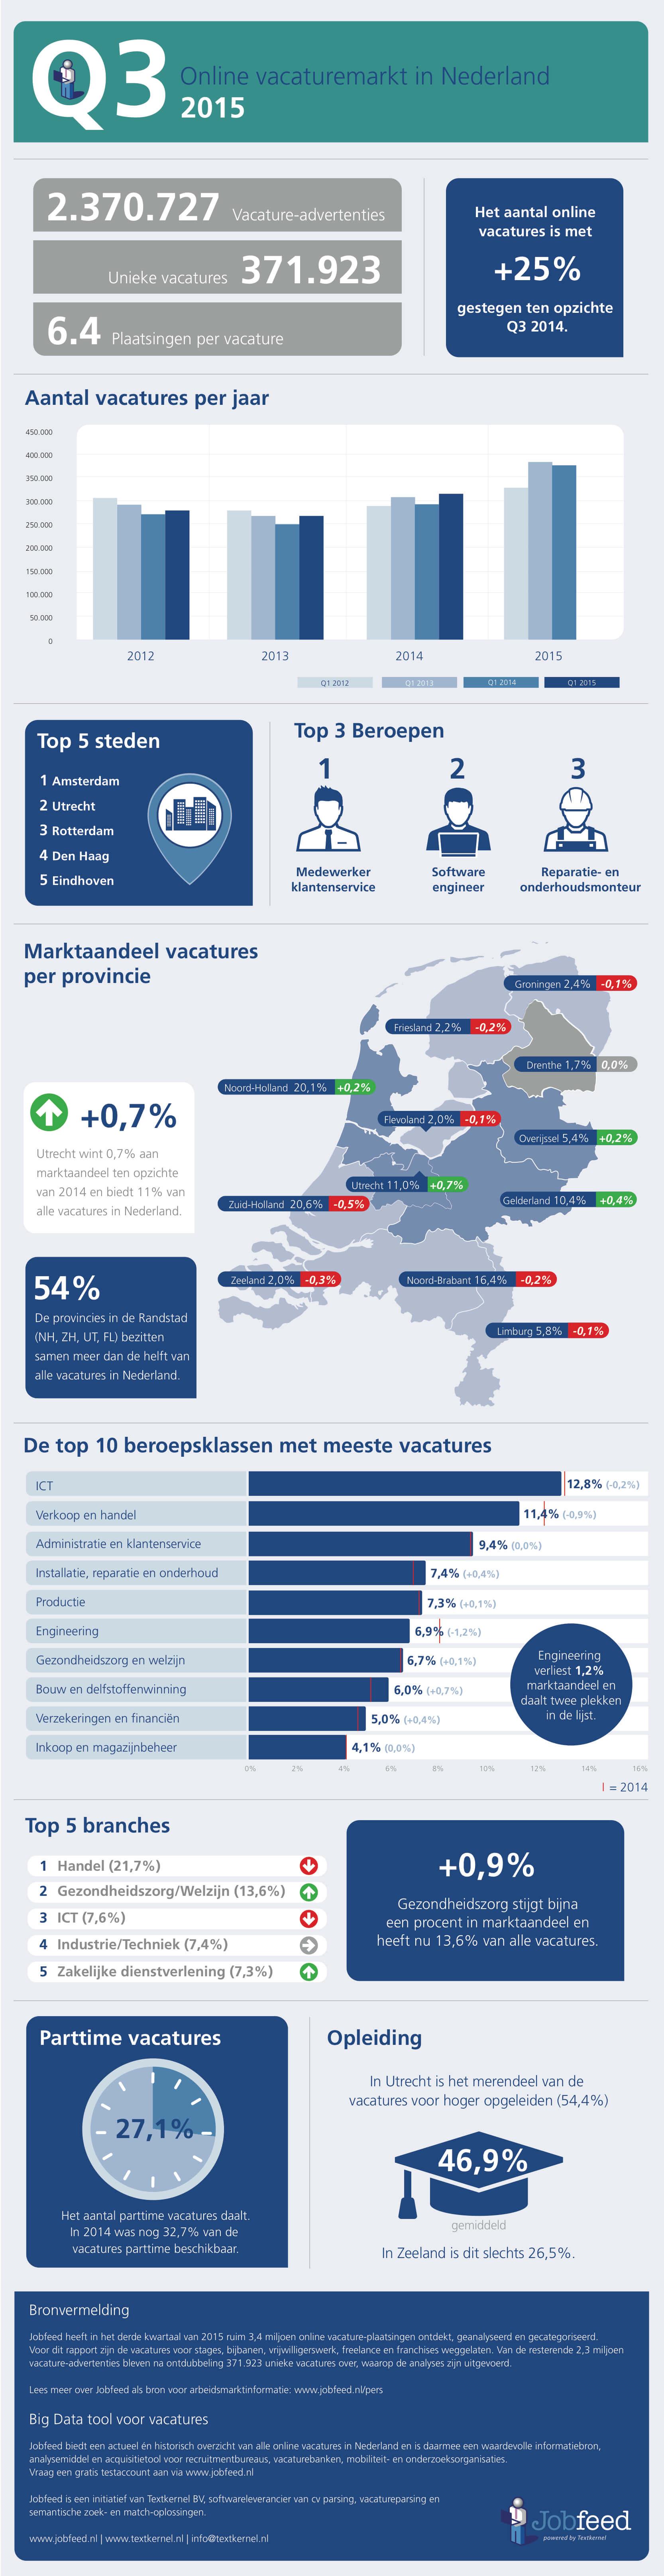 De Nederlandse online vacturemarkt in q3 2015 - Bron: Jobfeed